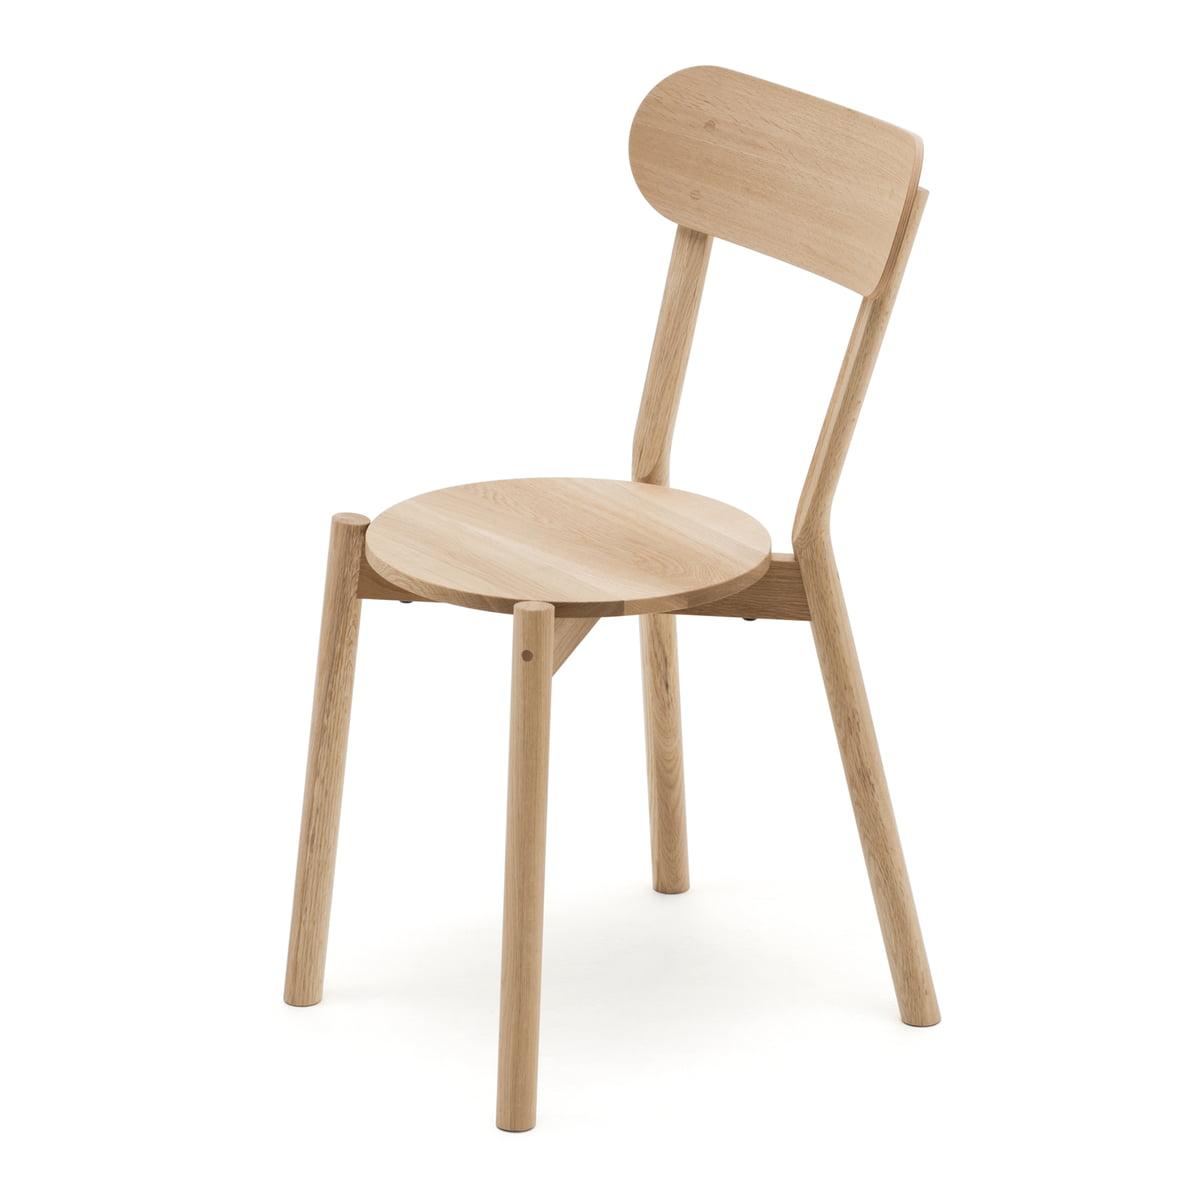 Karimoku new standard castor chair eiche natur